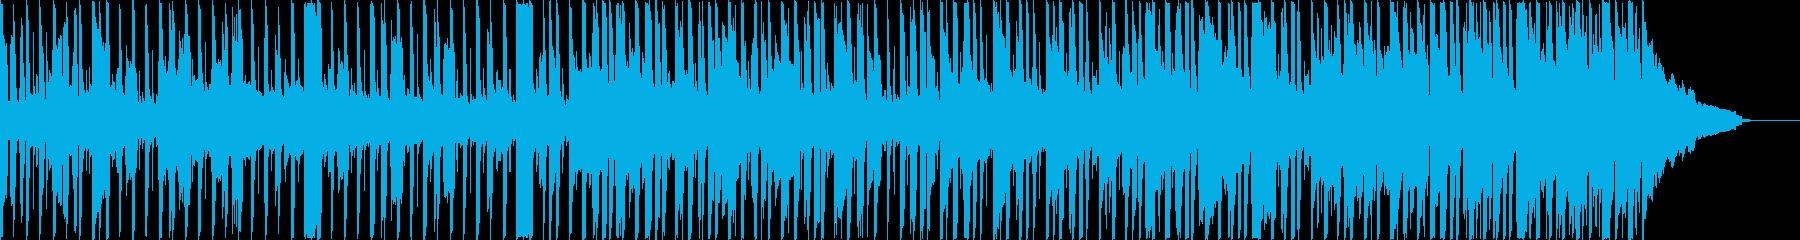 電気楽器。ポジティブな企業ビジネス...の再生済みの波形